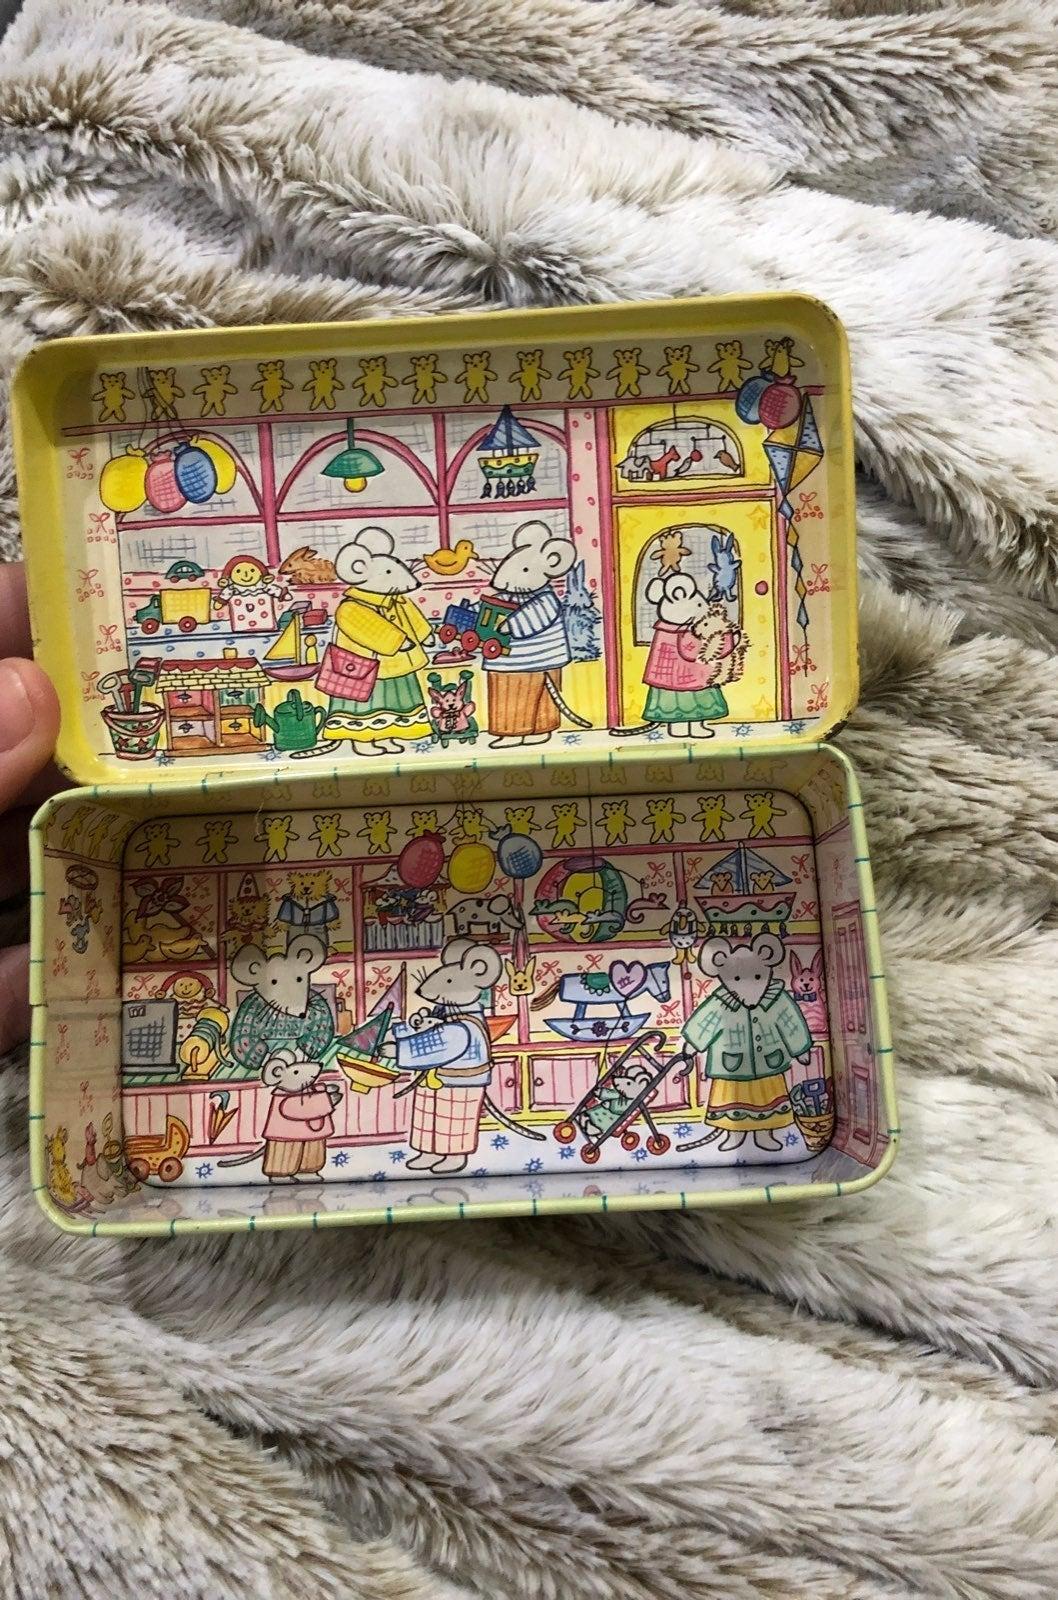 Little mouse toy shop vintage metal box